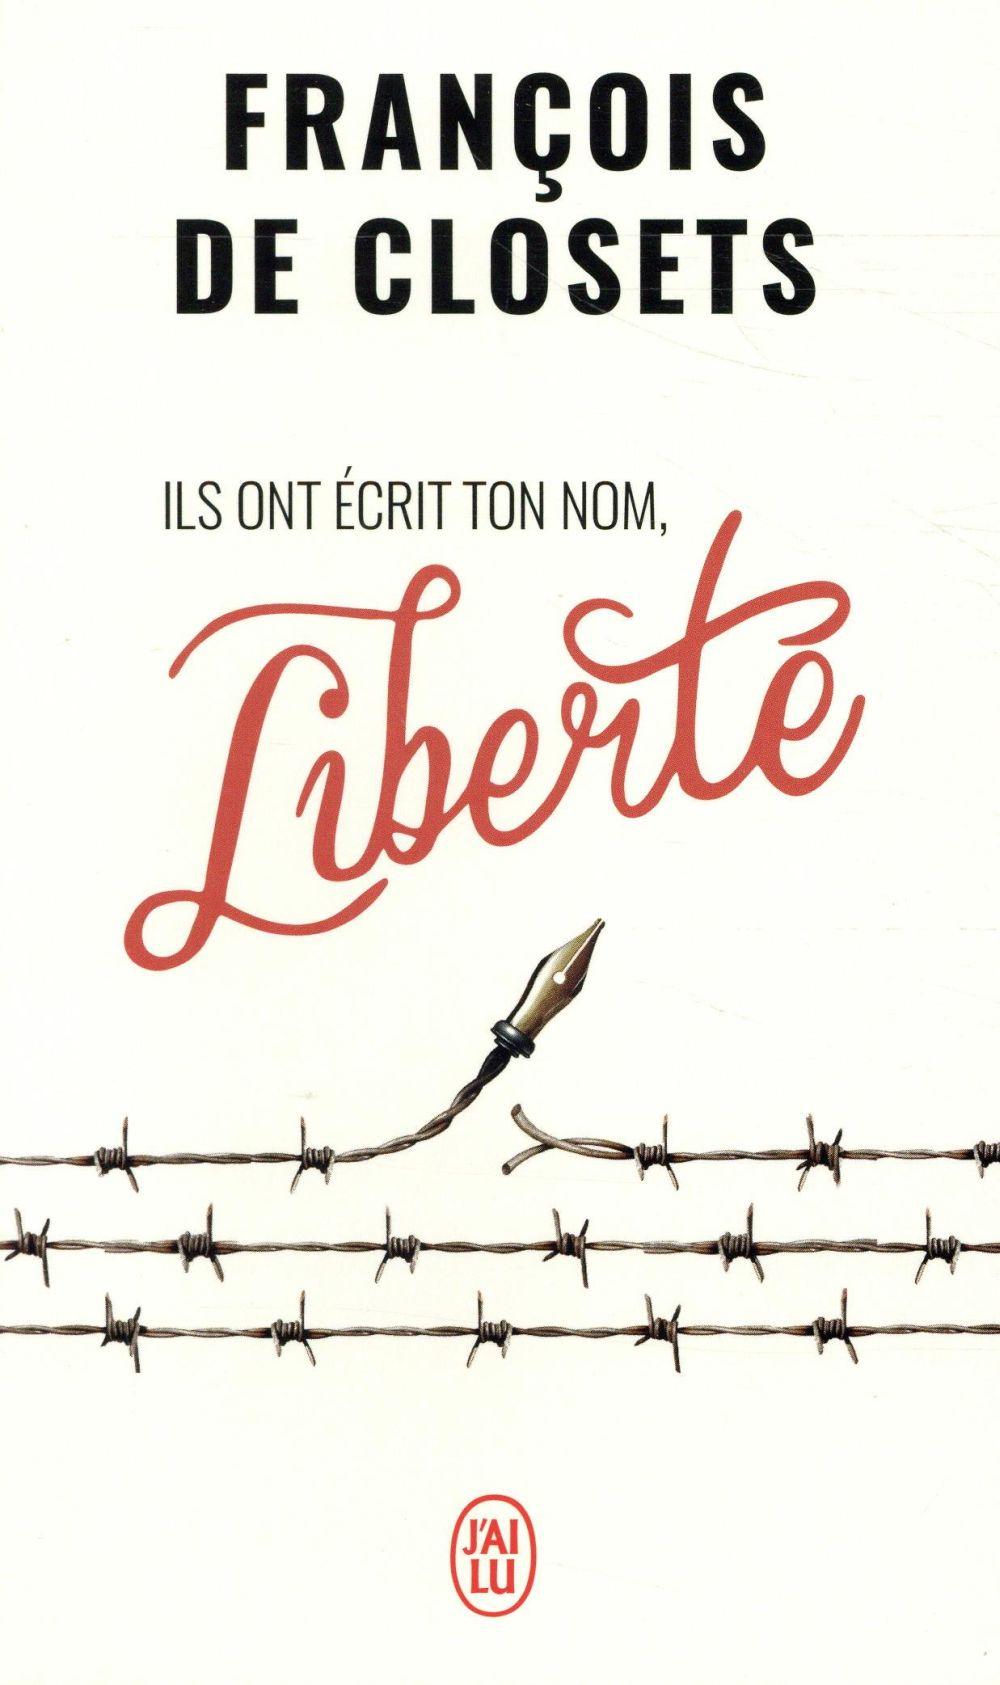 Ils ont ecrit ton nom, liberté